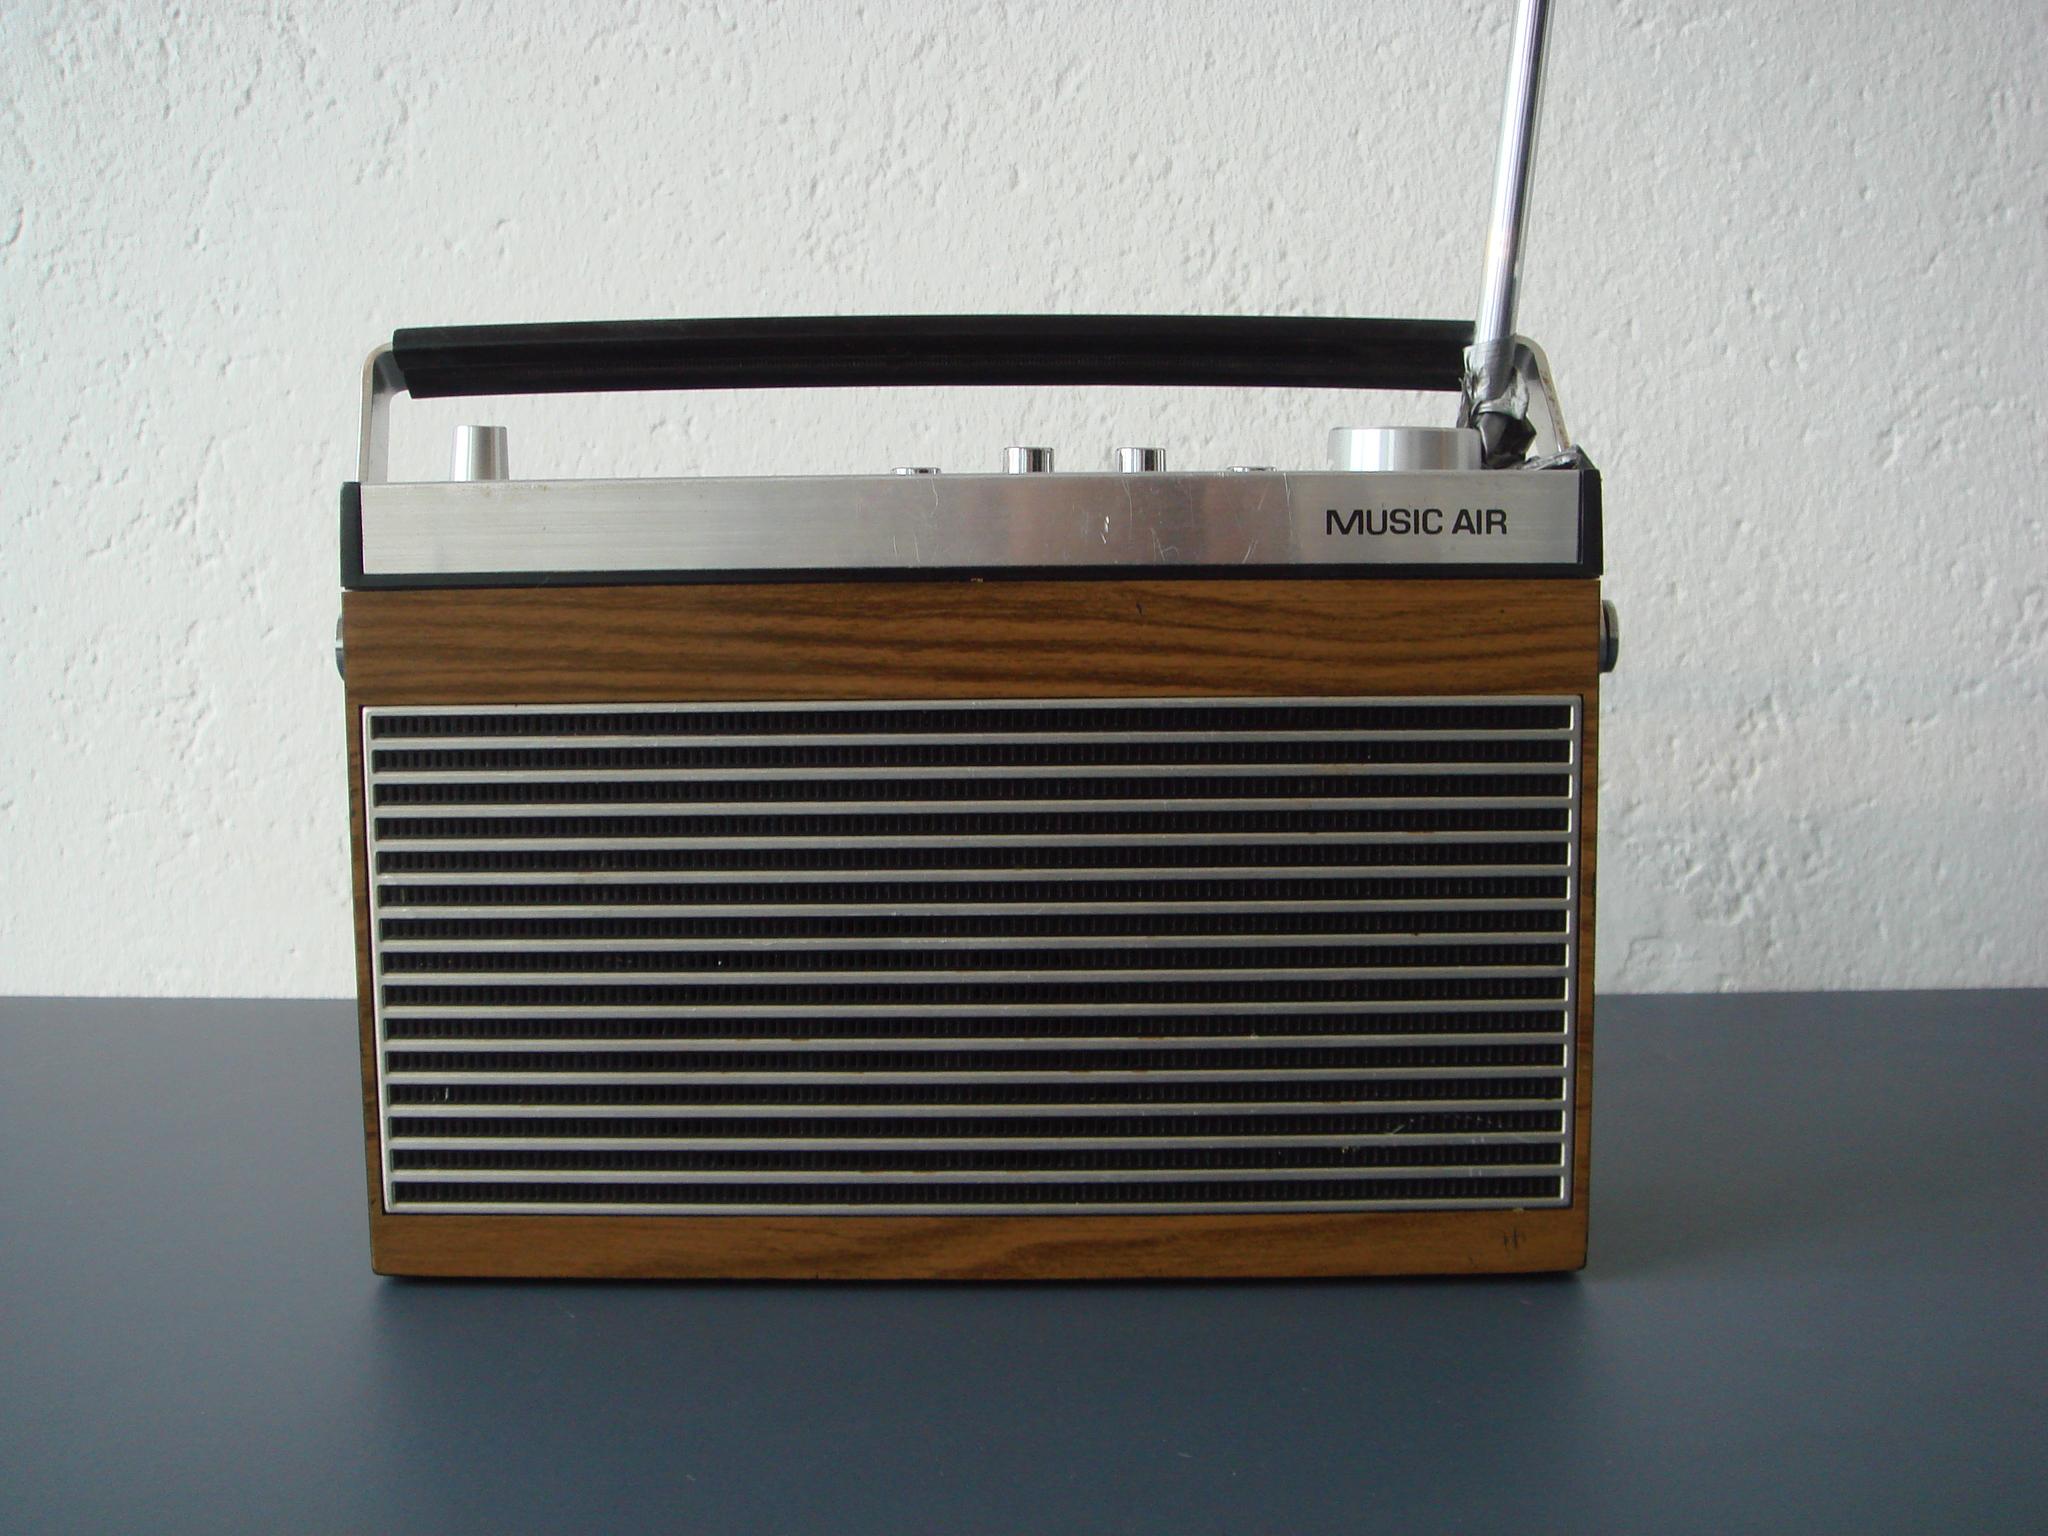 music air